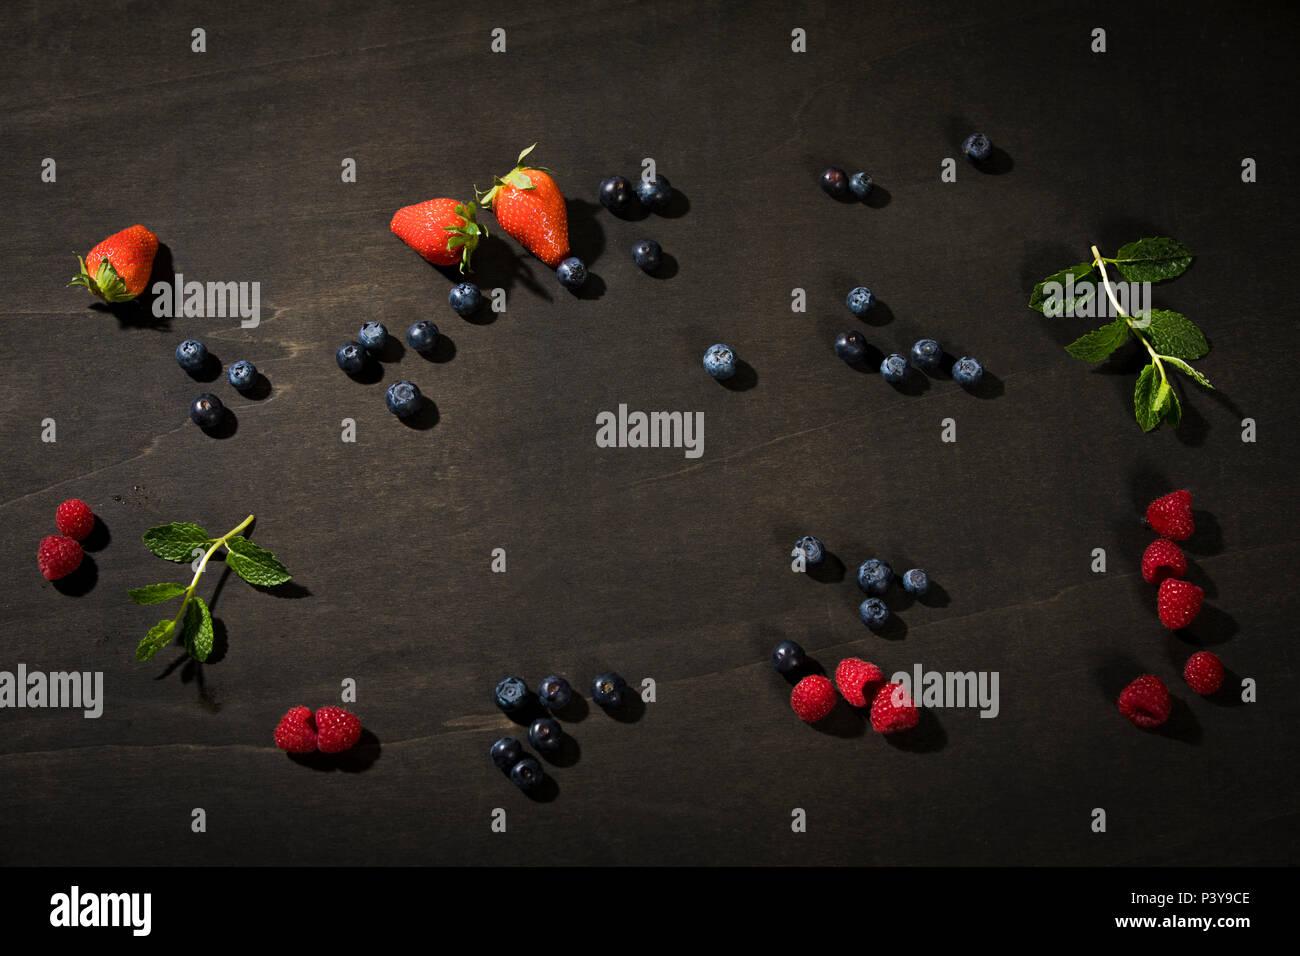 Blaubeeren, Erdbeeren, Himbeeren und Minze Stock Photo